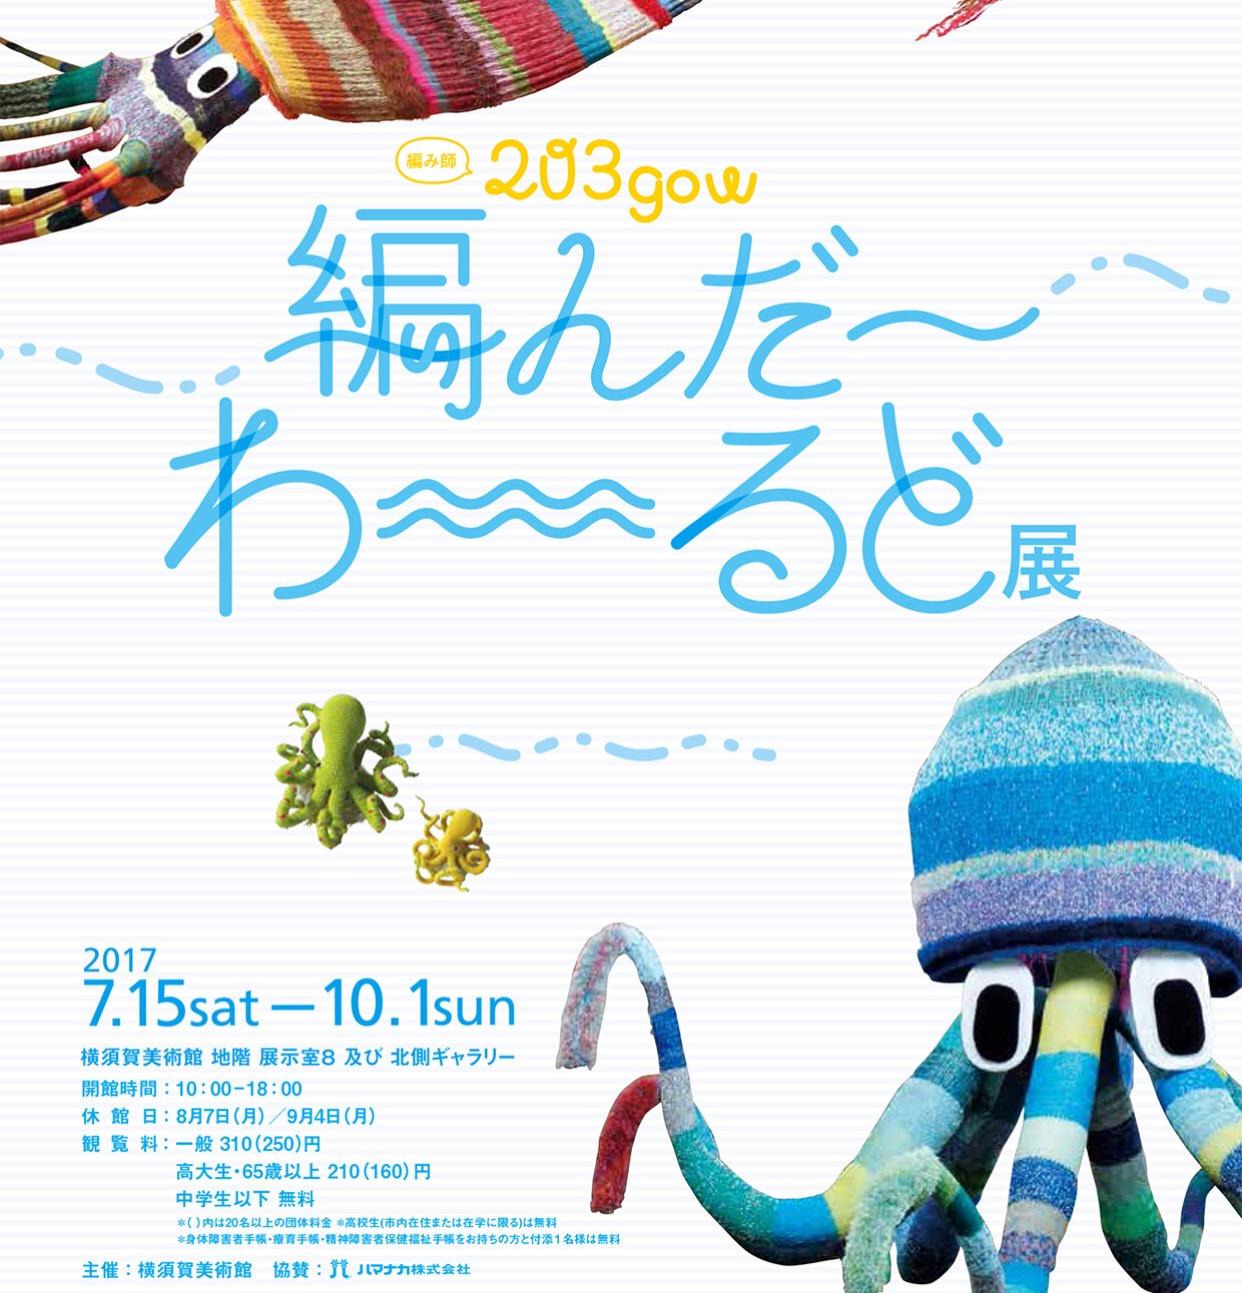 横須賀美術館『203gow 編んだ~わ~るど展』で変な編み物たちに大喜びしてきました♪